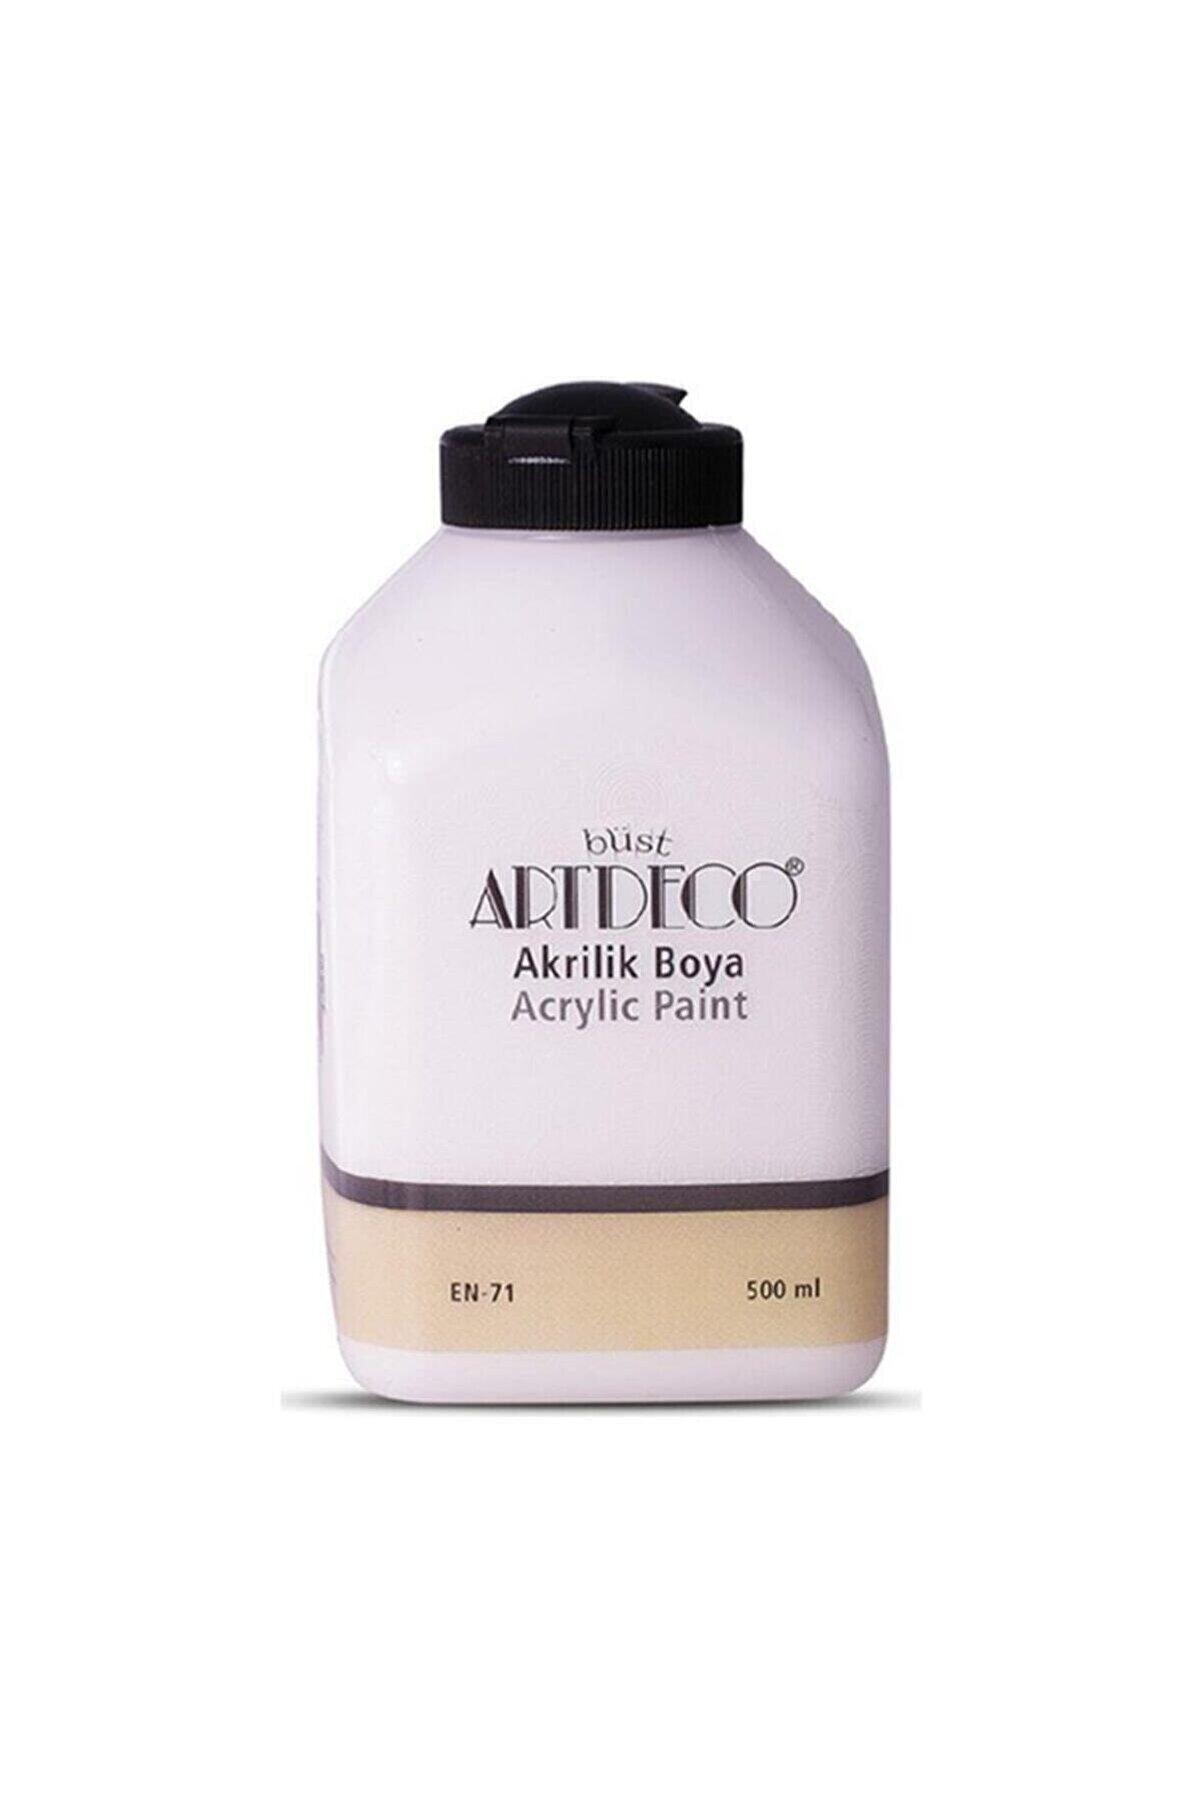 Artdeco Akrilik Boya 500ml Beyaz